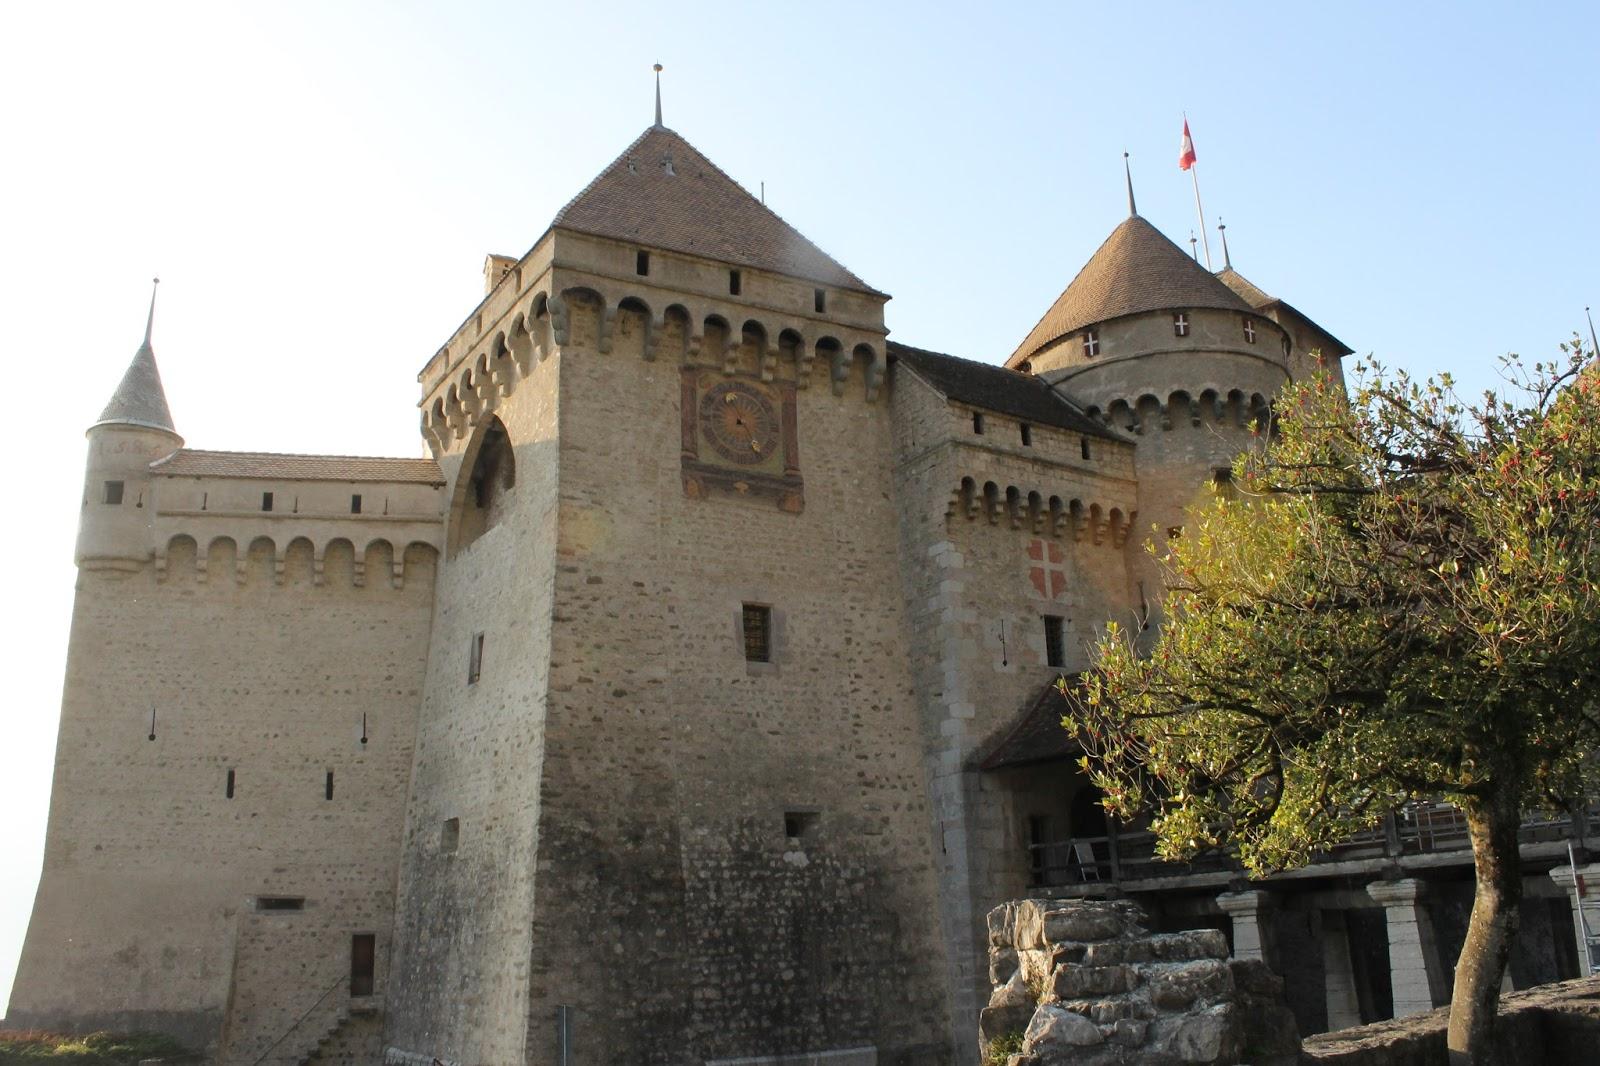 Castelo de Chillon - Montreux